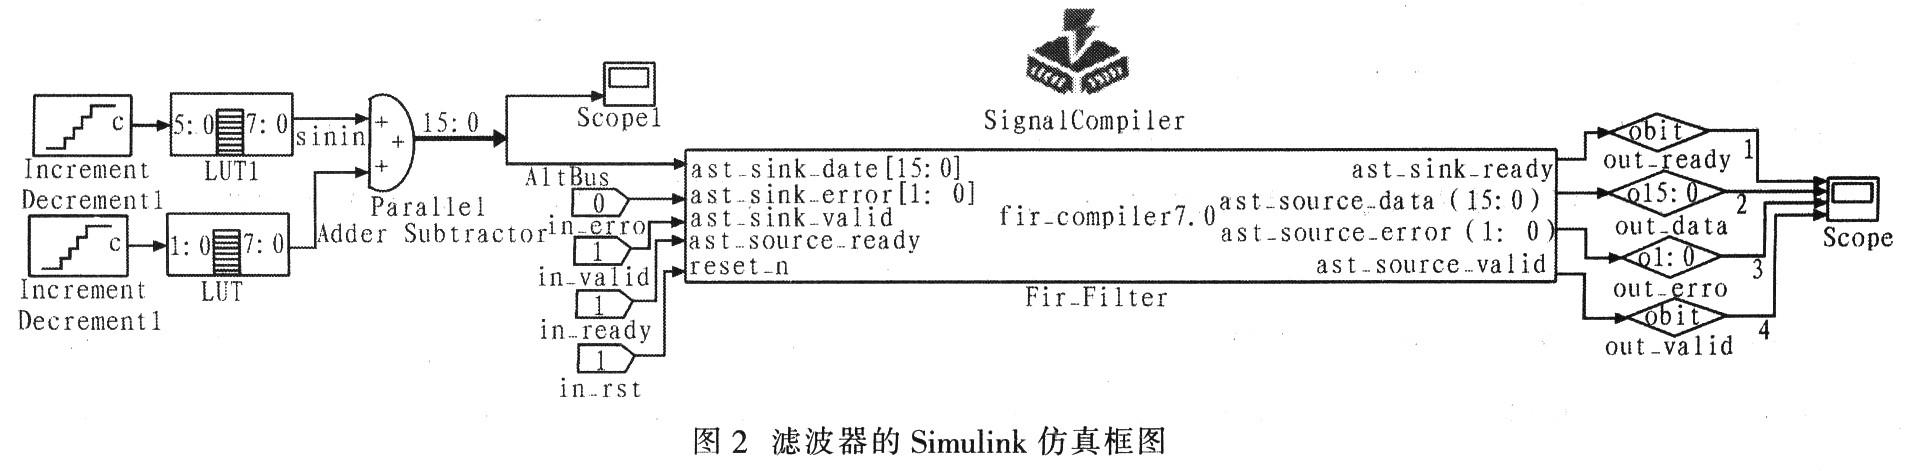 基于MATLAB与QUARTUS II的FIR滤波器设计与验证